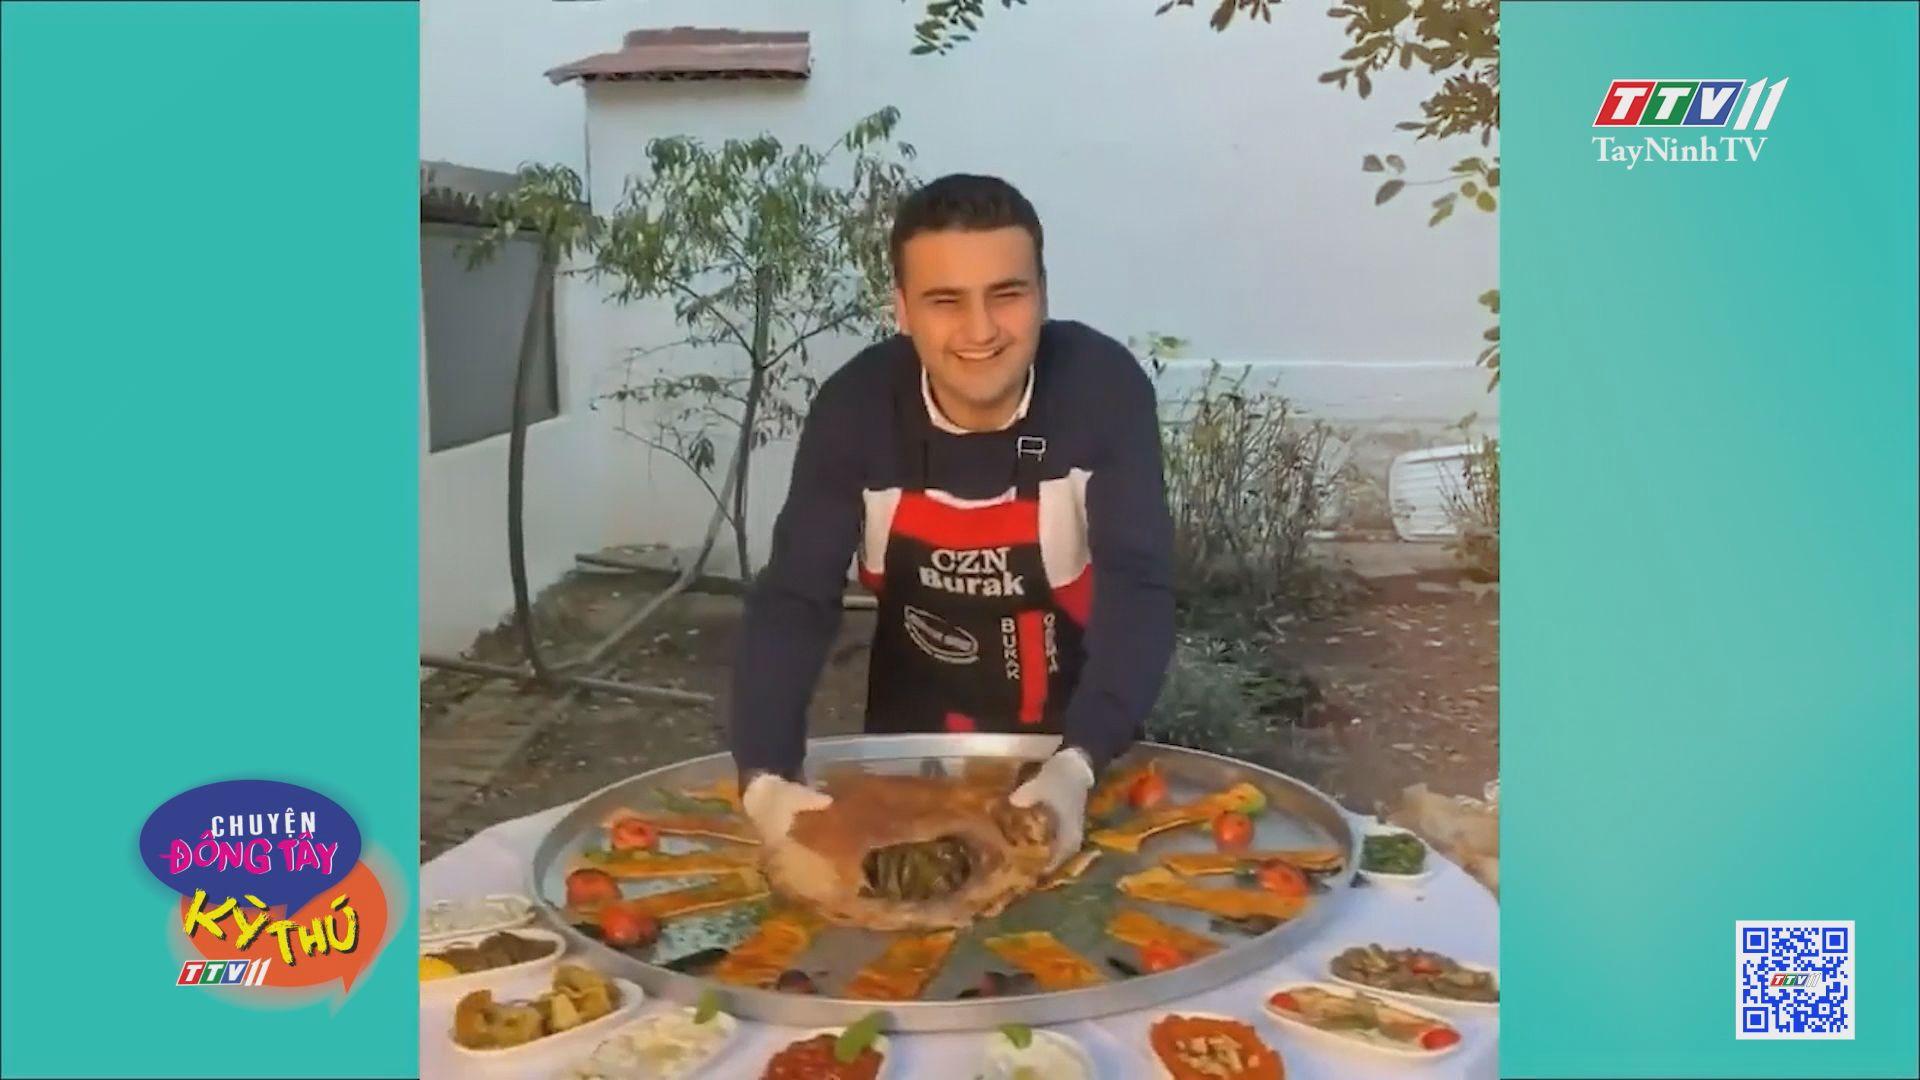 Đầu bếp vui tính trên mạng xã hội | CHUYỆN ĐÔNG TÂY KỲ THÚ | TayNinhTVE